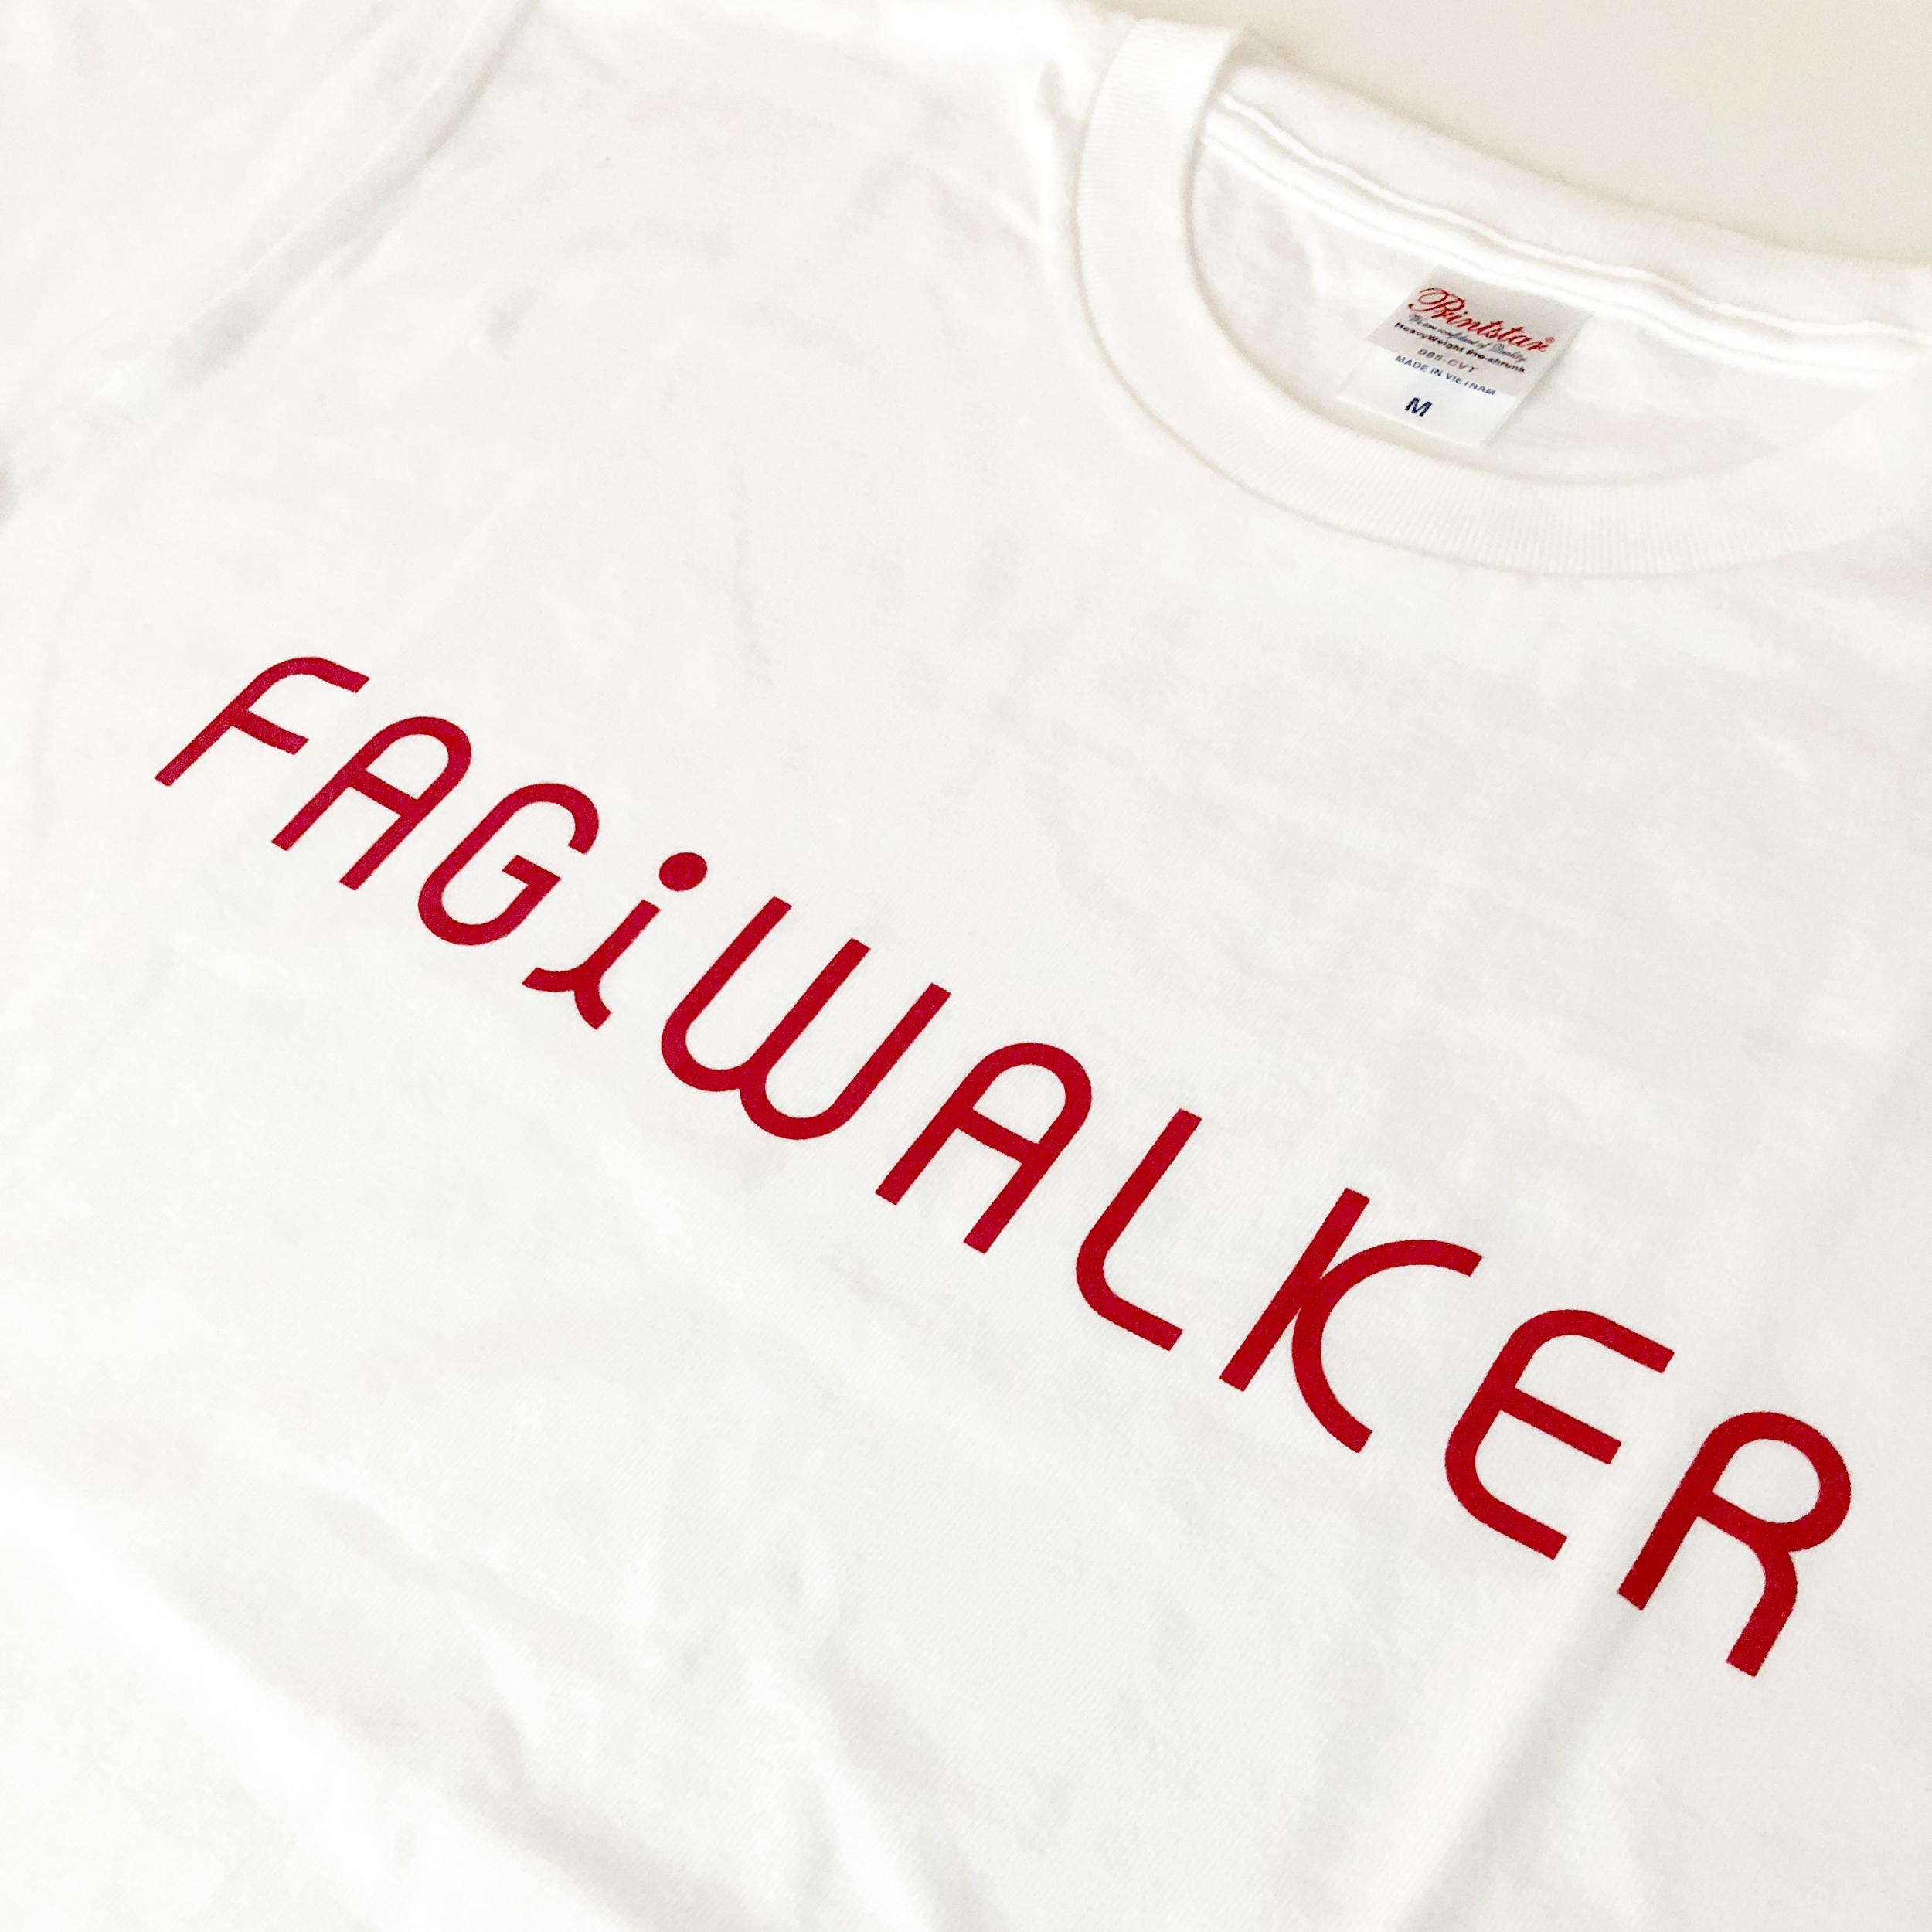 fagiwalker_t-shirt